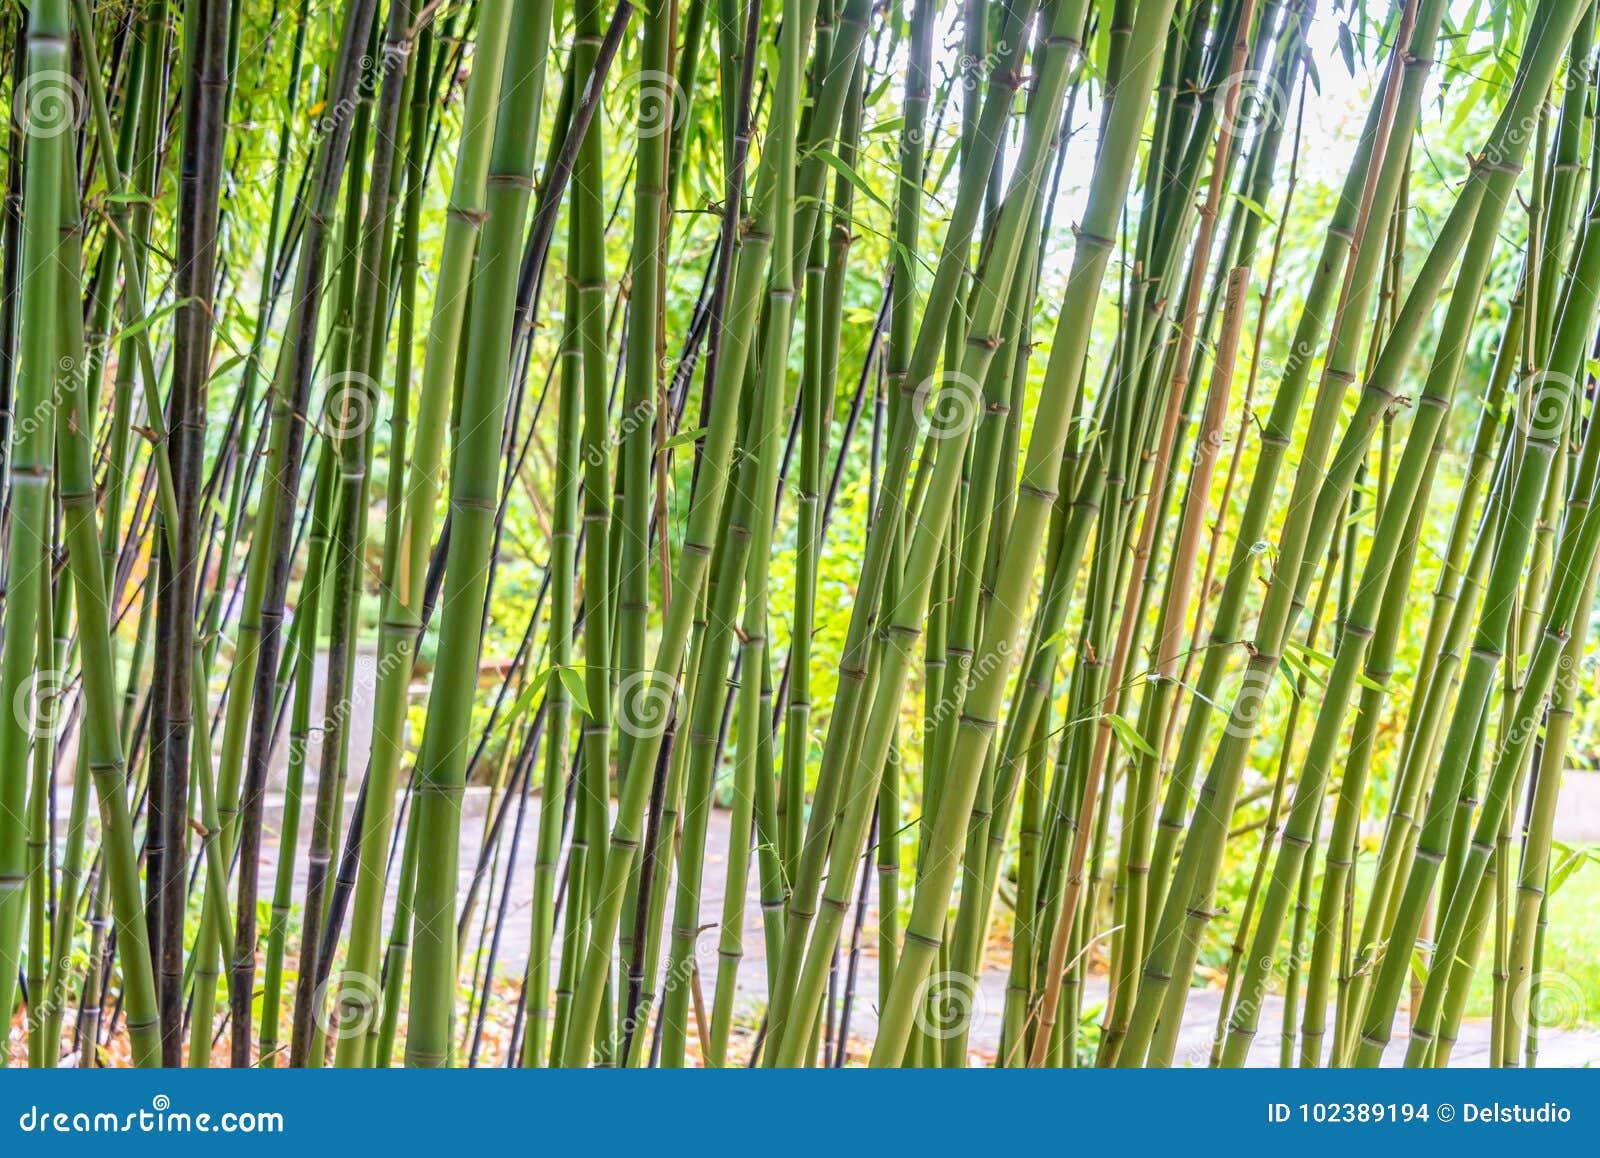 Fond vert de bambous